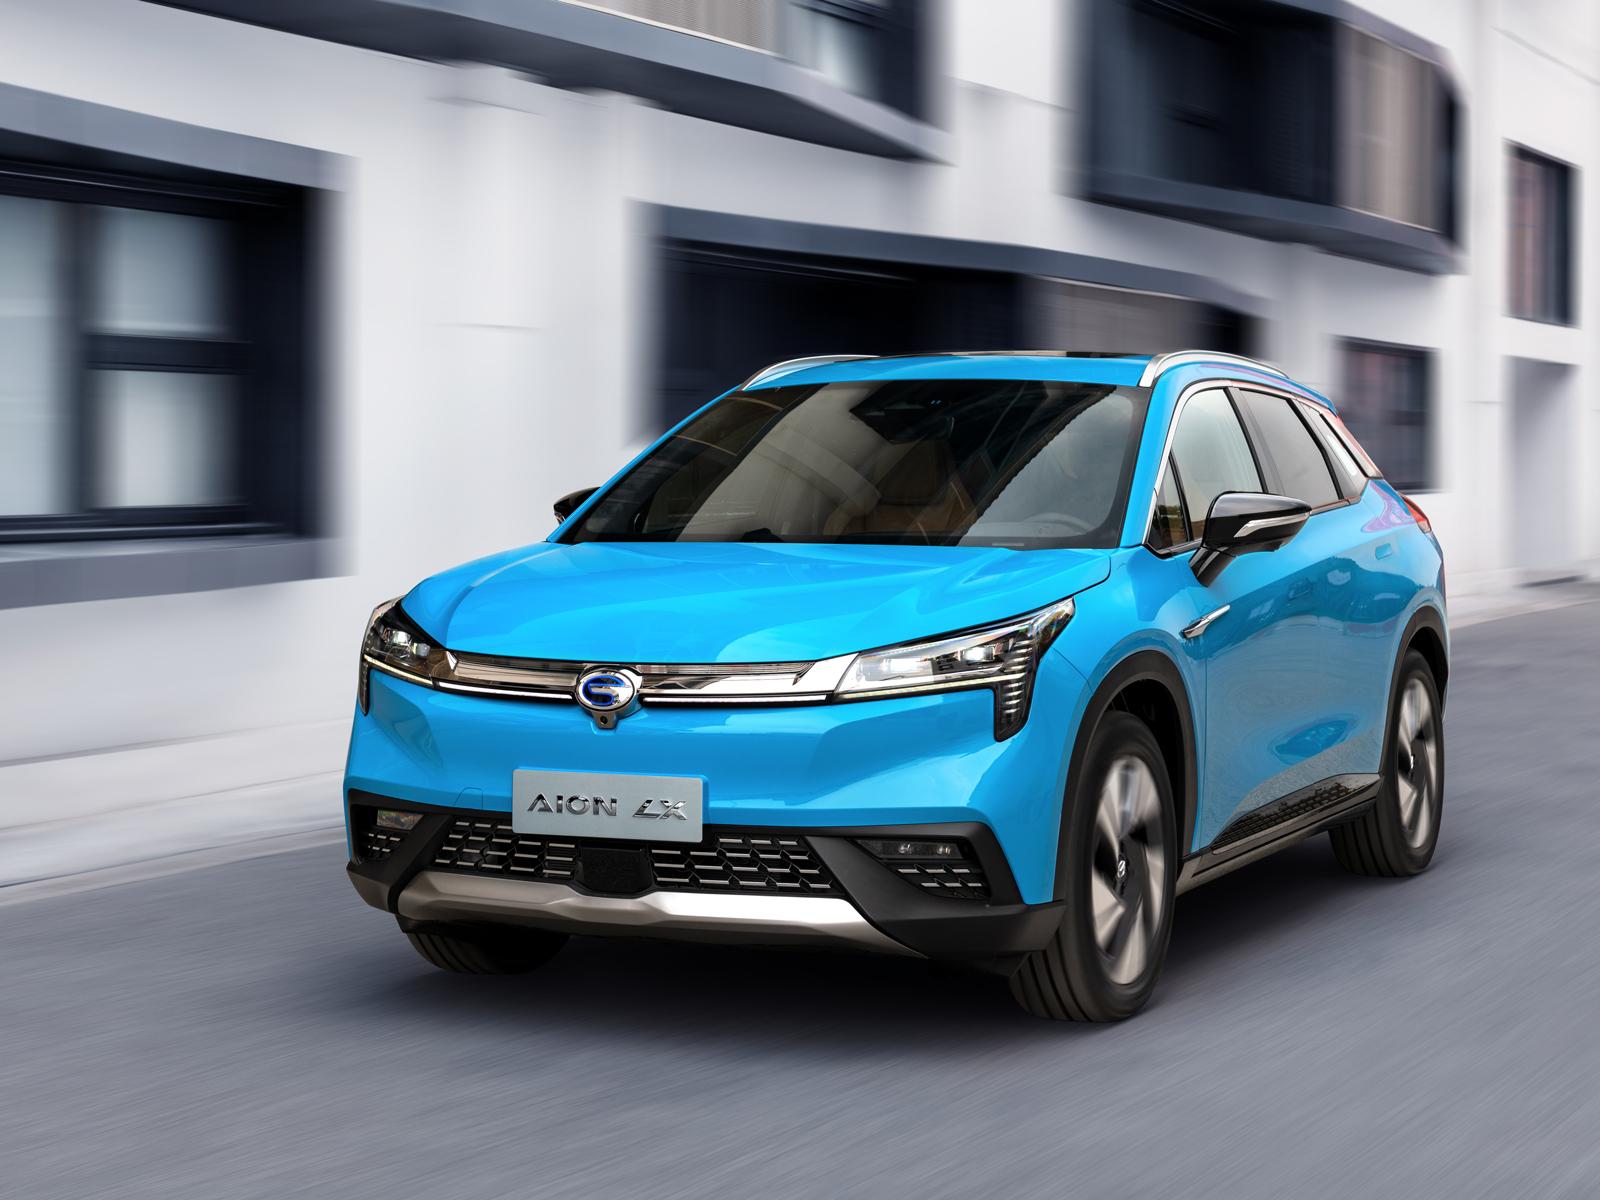 市售续航最长国产电动车 广汽新能源Aion LX将于10月17日上市